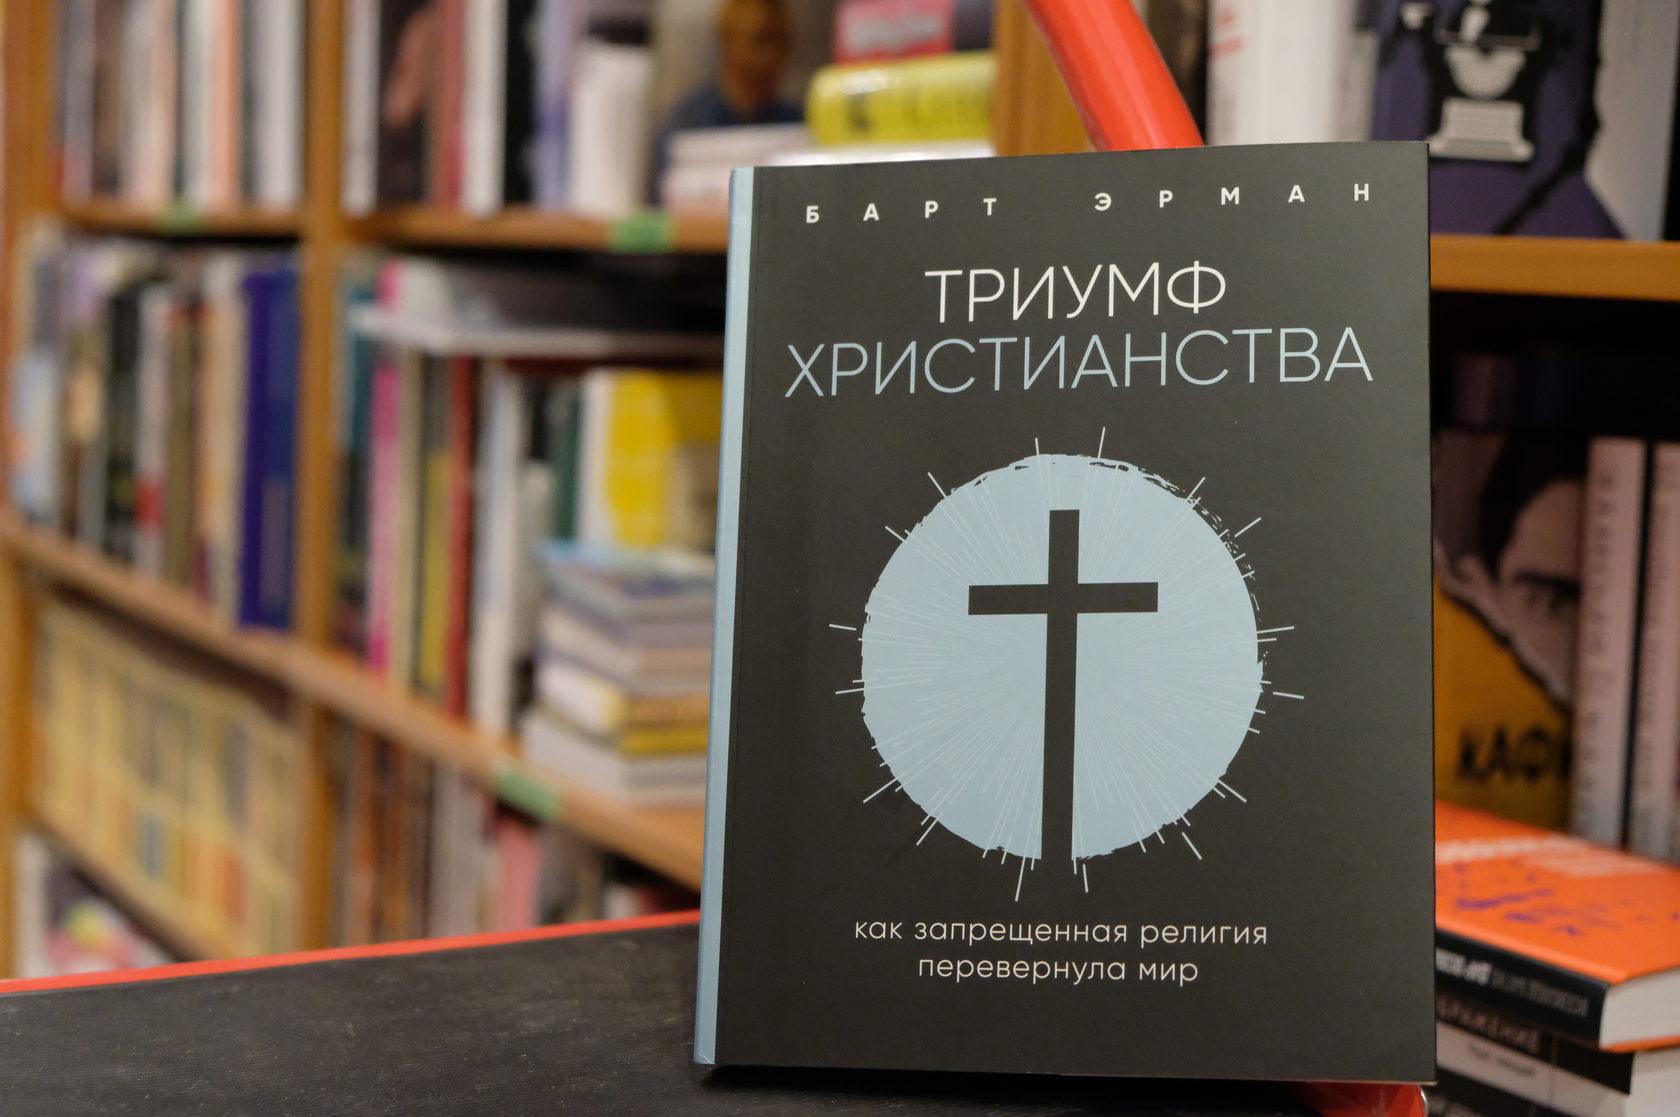 Купить книгу Барт Д. Эрман «Триумф христианства. Как запрещенная религия перевернула мир»  978-5-04-099234-8